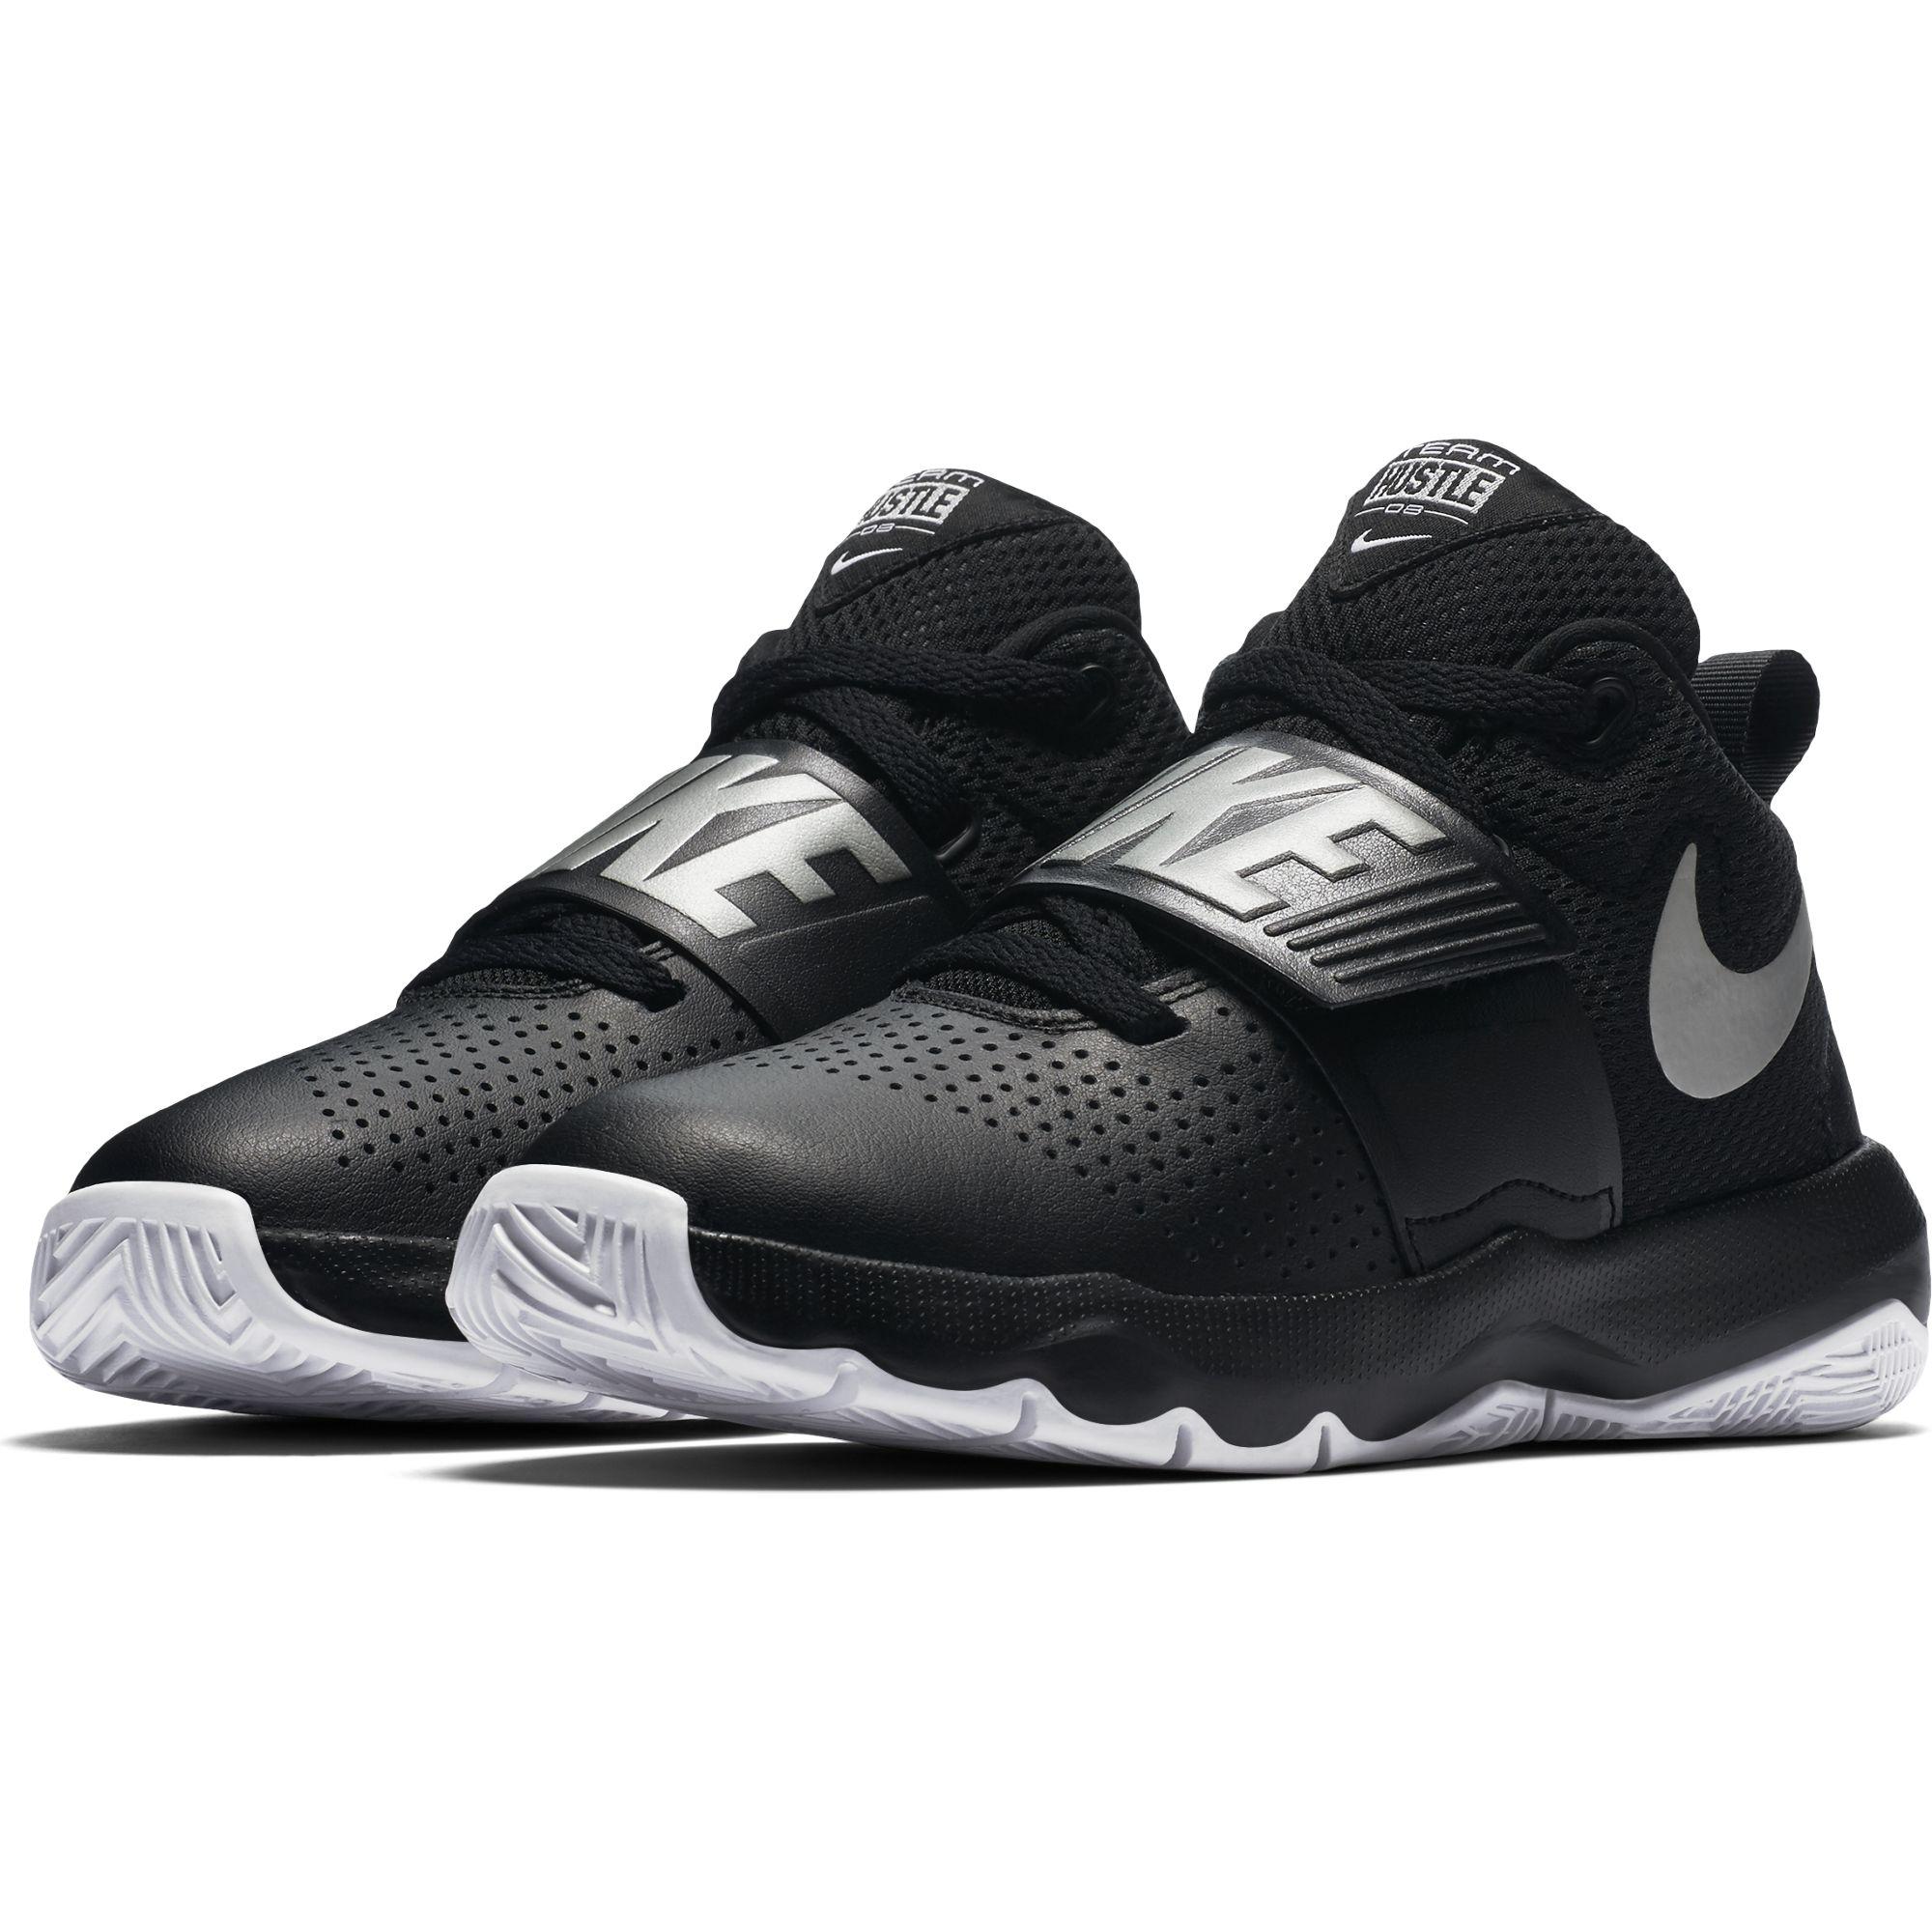 chaussure nike team hustle d 8